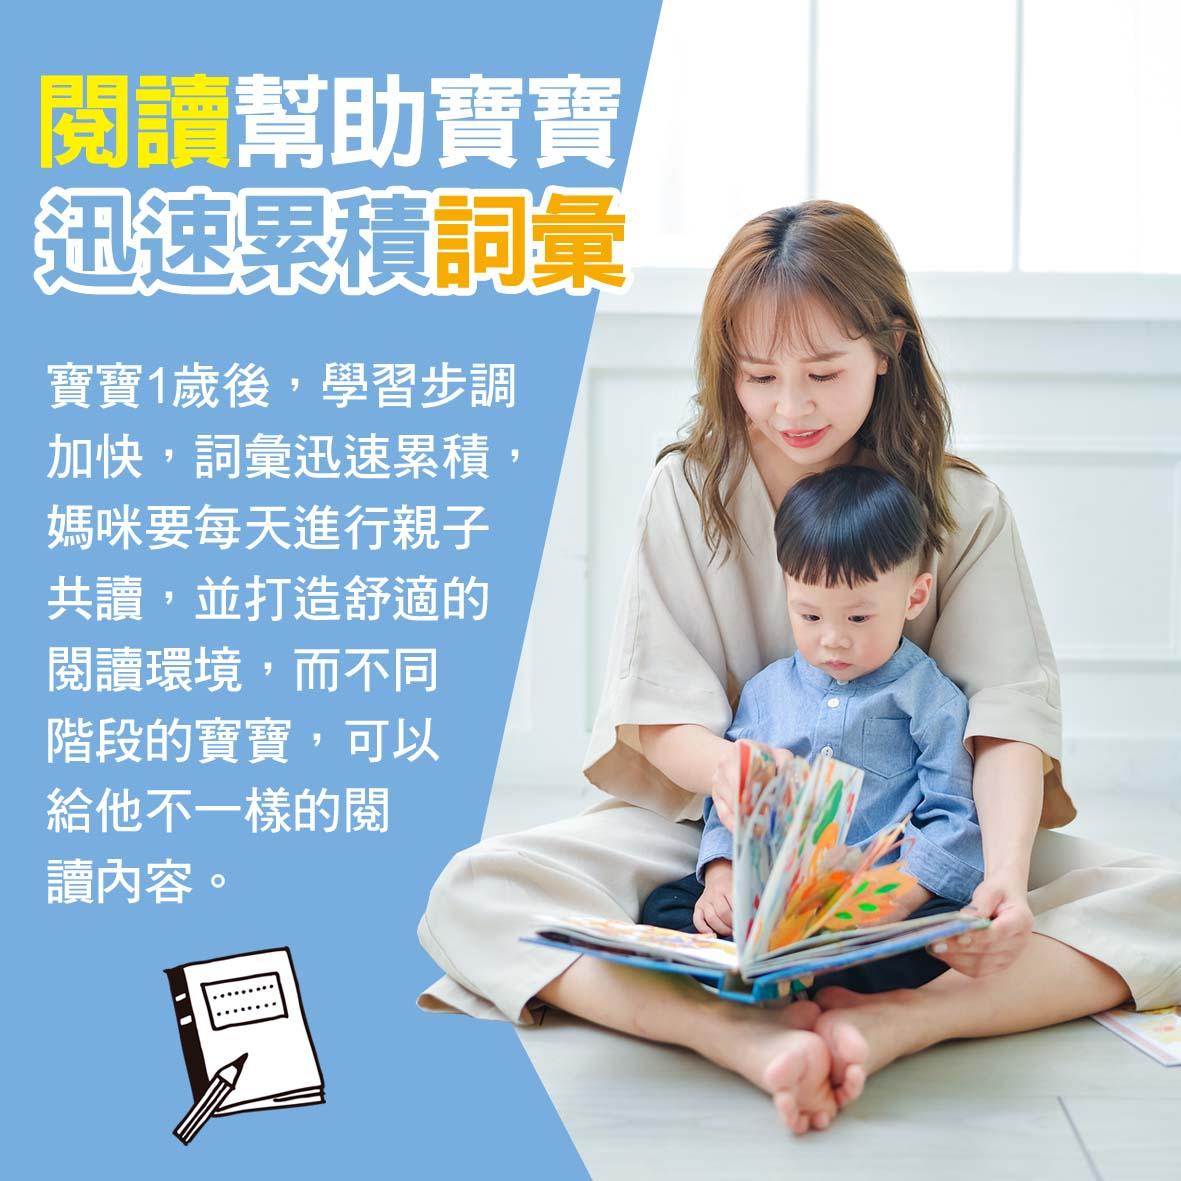 寶寶篇1歲第39~40週-閱讀幫助寶寶迅速累積詞彙